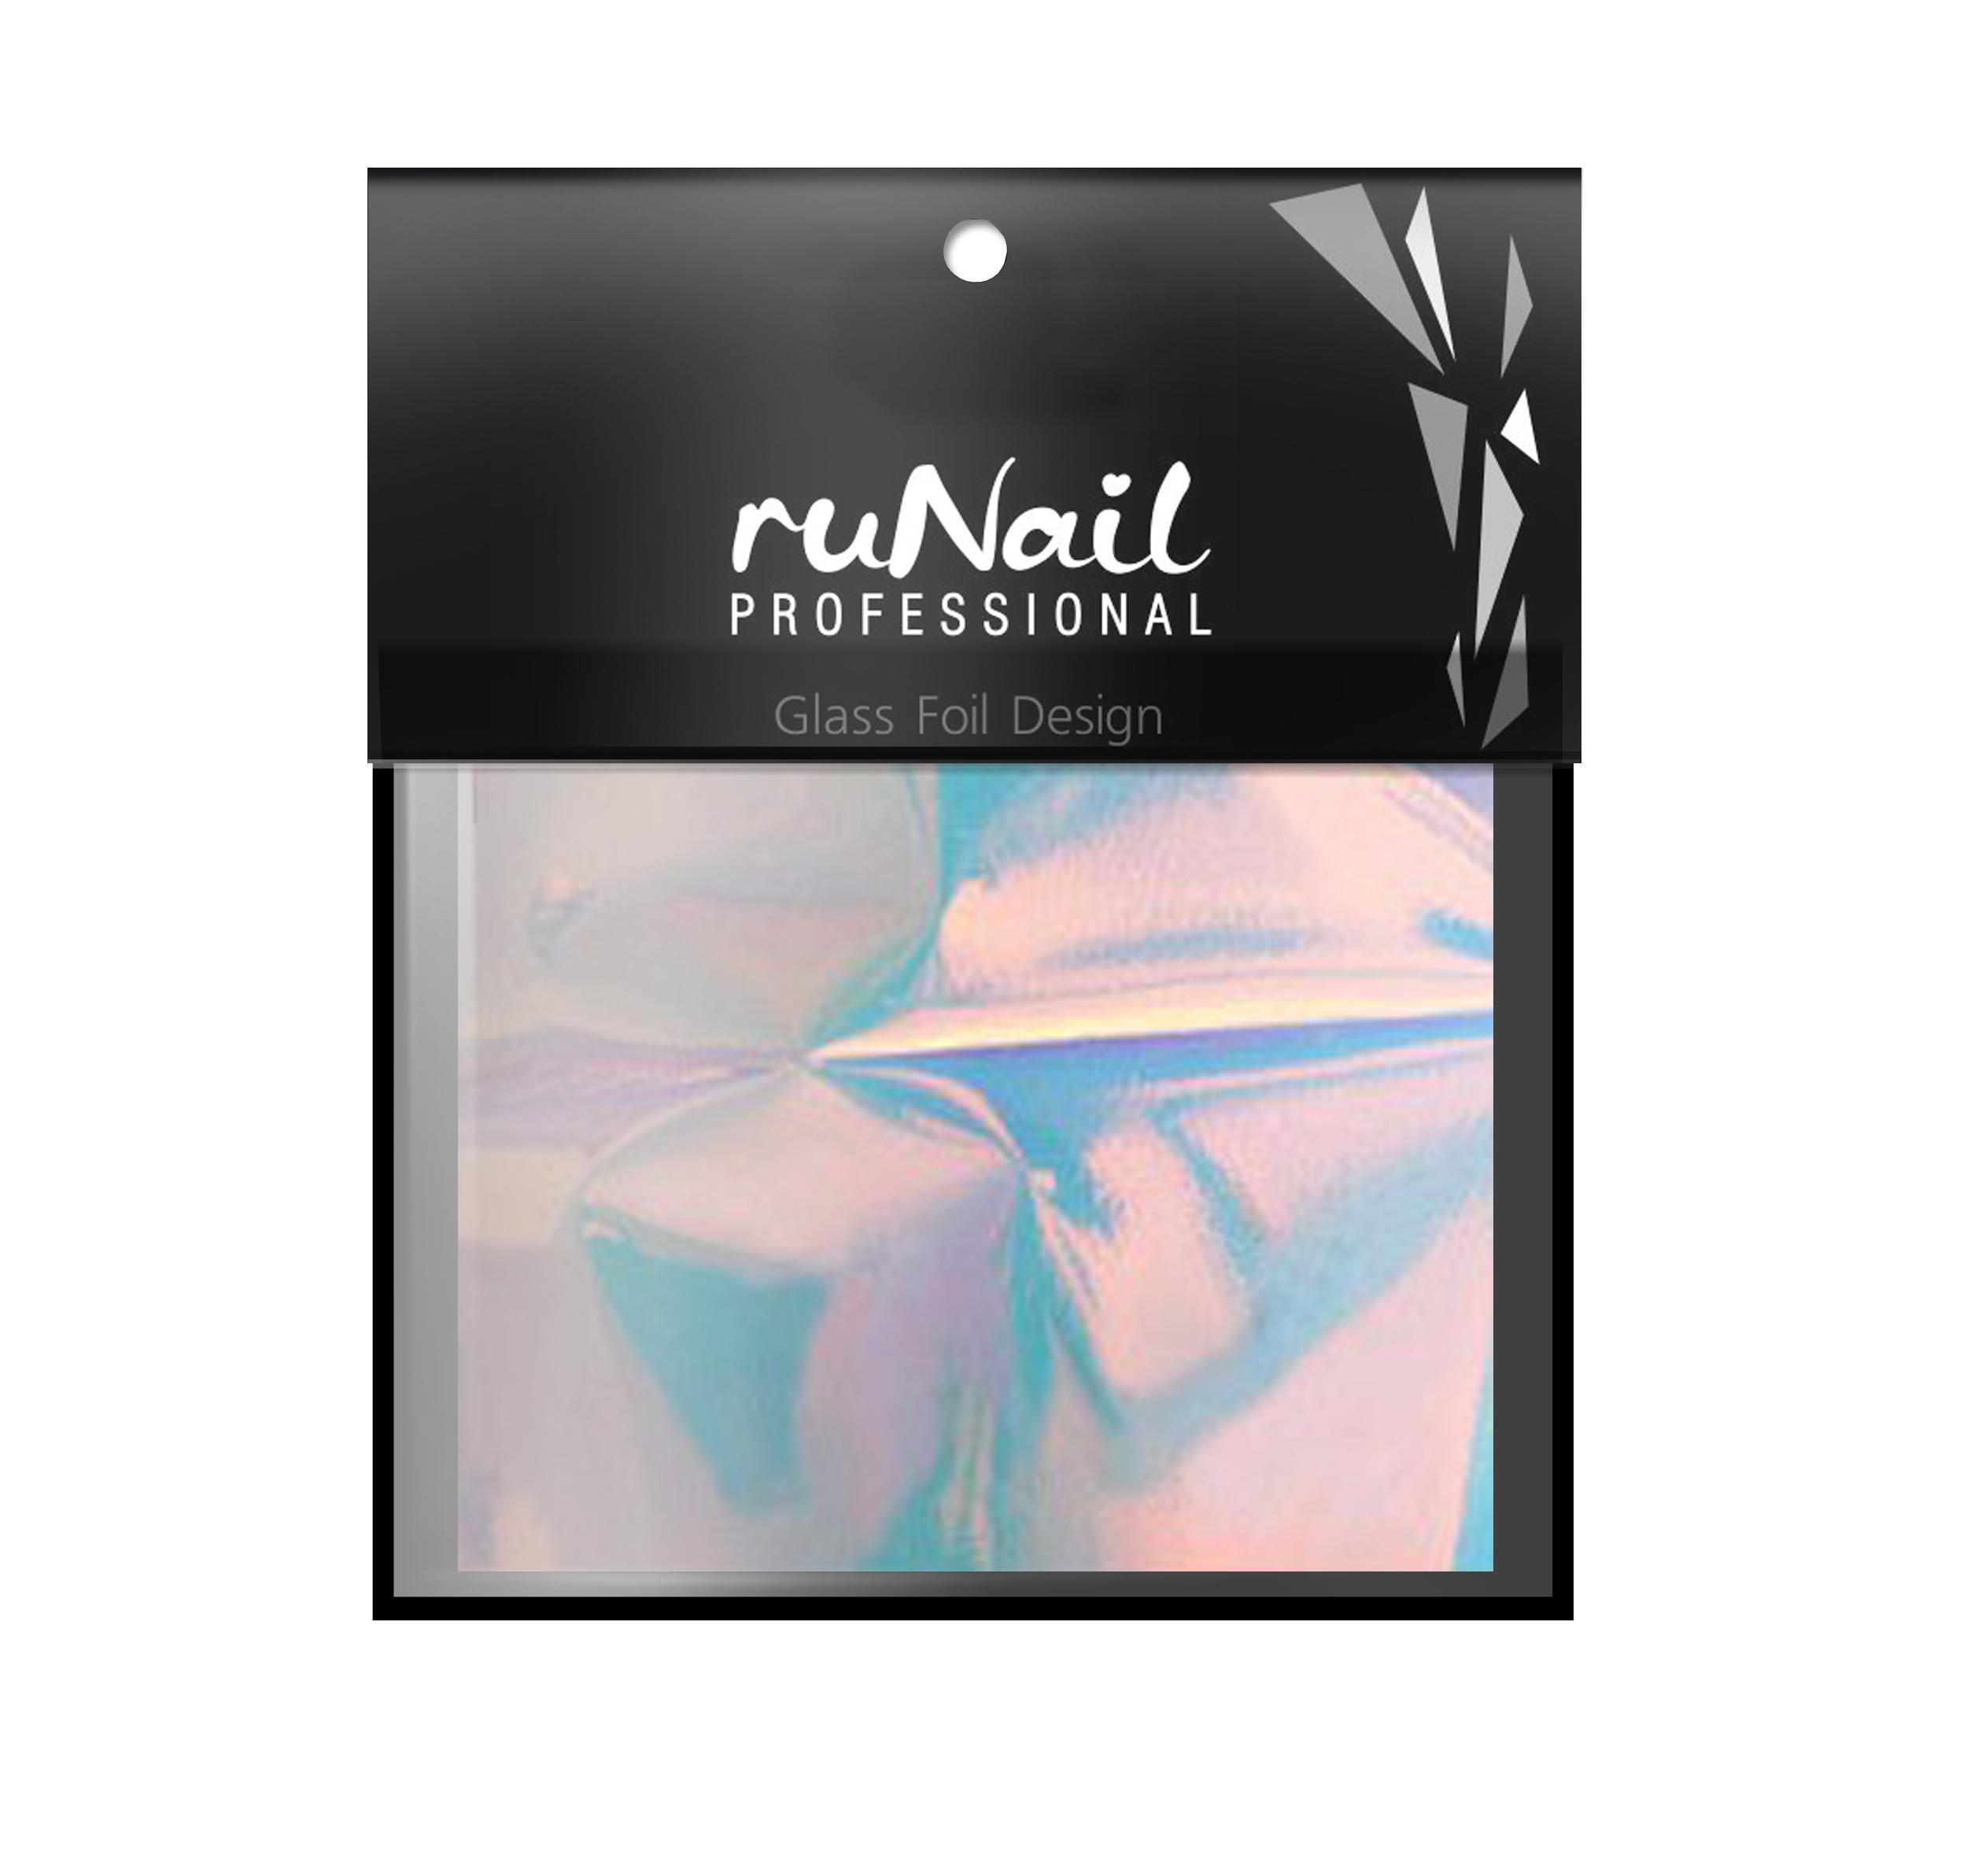 RuNail Дизайн для ногтей: фольга с эффектом Битое стекло(цвет голубой), 4х100смФольга<br>Фольга   это тонкая полупрозрачная голографическая пленка, которая создает на ногтях модный эффект битое стекло или стеклянные ногти. Способ применения:&amp;nbsp; 1. Нарезать фольгу небольшими кусочками, по форме напоминающими осколки стекла. При помощи пинцета аккуратно выложить кусочки на любое полимеризованное покрытие с липким слоем (база, топ или цвет). Полимеризовать в УФ-лампе 36Вт   1 минуту, в LED лампе от 30 секунд. 2. Покрыть дизайн топом и полимеризовать в УФ-лампе 36Вт   1 минуту, в LED лампе от 30 секунд. Совет: Для придания объема дизайну, кусочки фольги нужно обвести по контуру гель-краской белого или черного цвета.<br>